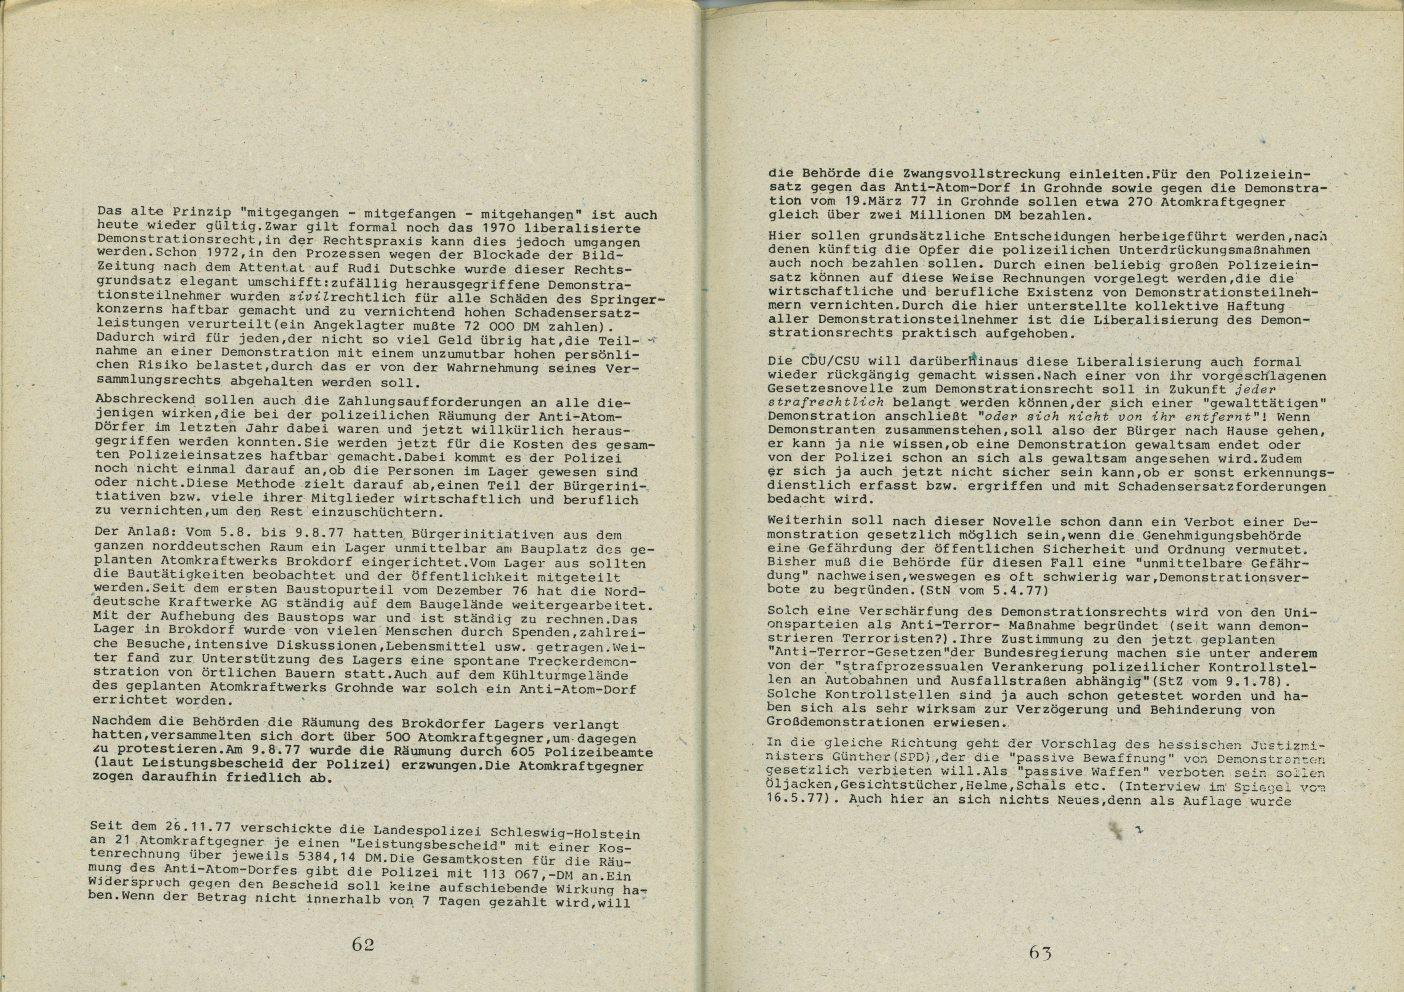 Stuttgart_AGRT_Menschenrechtsverletzungen_Leseheft_1978_33